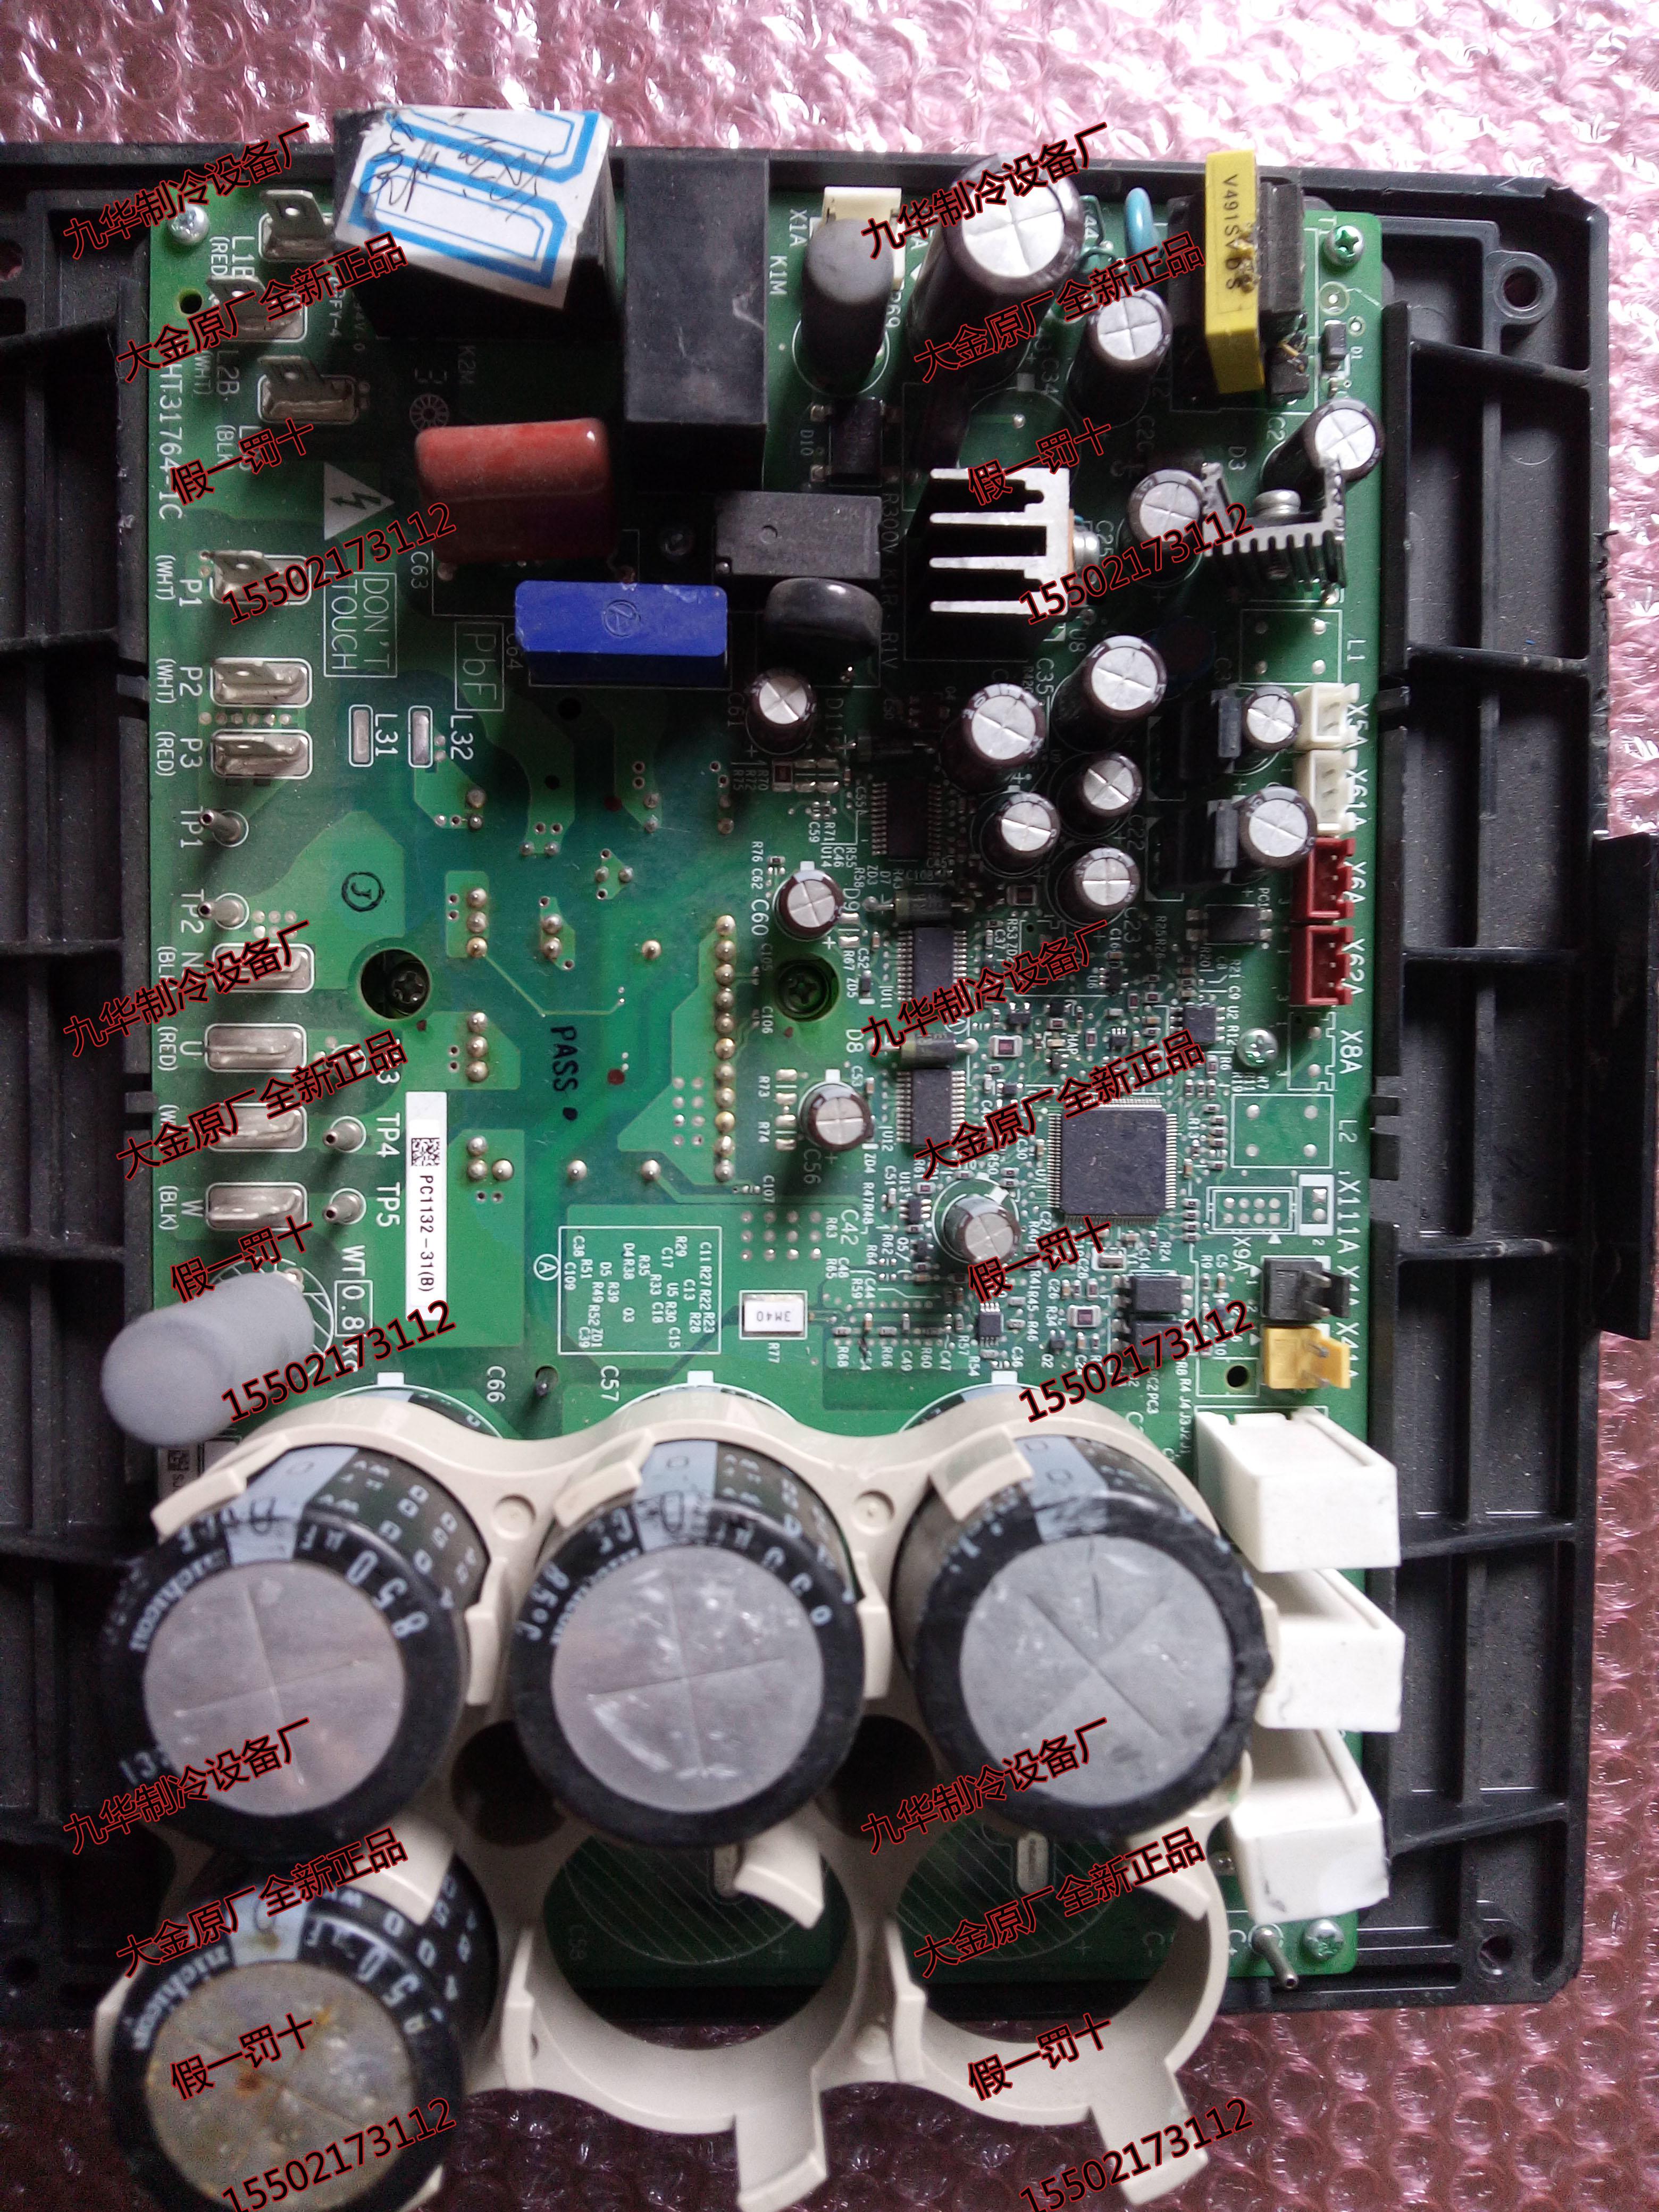 La nueva placa compresor de aire acondicionado Daikin computadoras de la frecuencia de Administración RZP250SY1RHXYQ8SY1PC1132-31